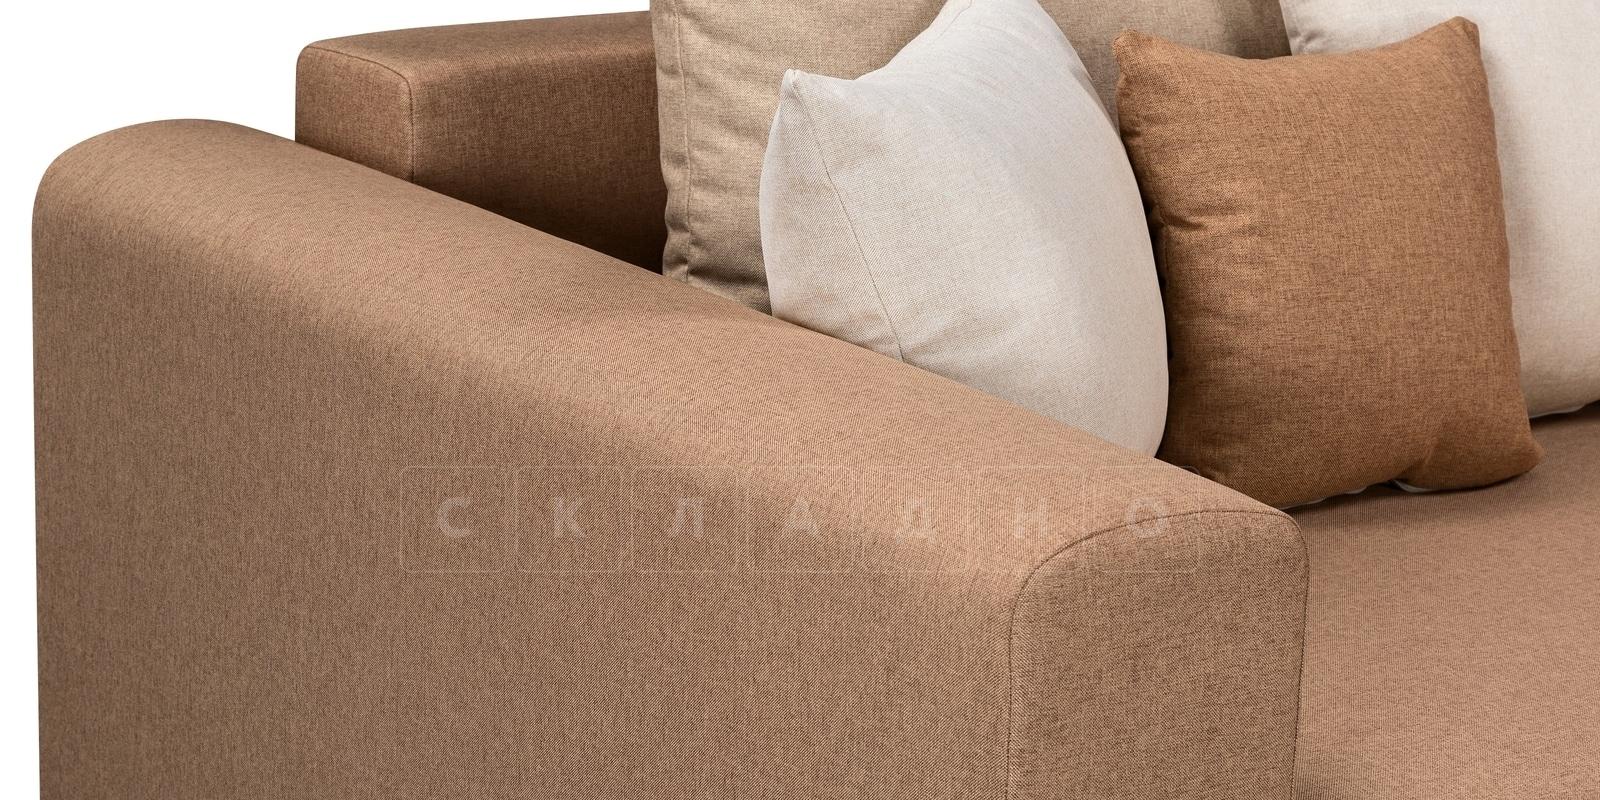 Угловой диван Медисон коричневый 345х224 см фото 5 | интернет-магазин Складно